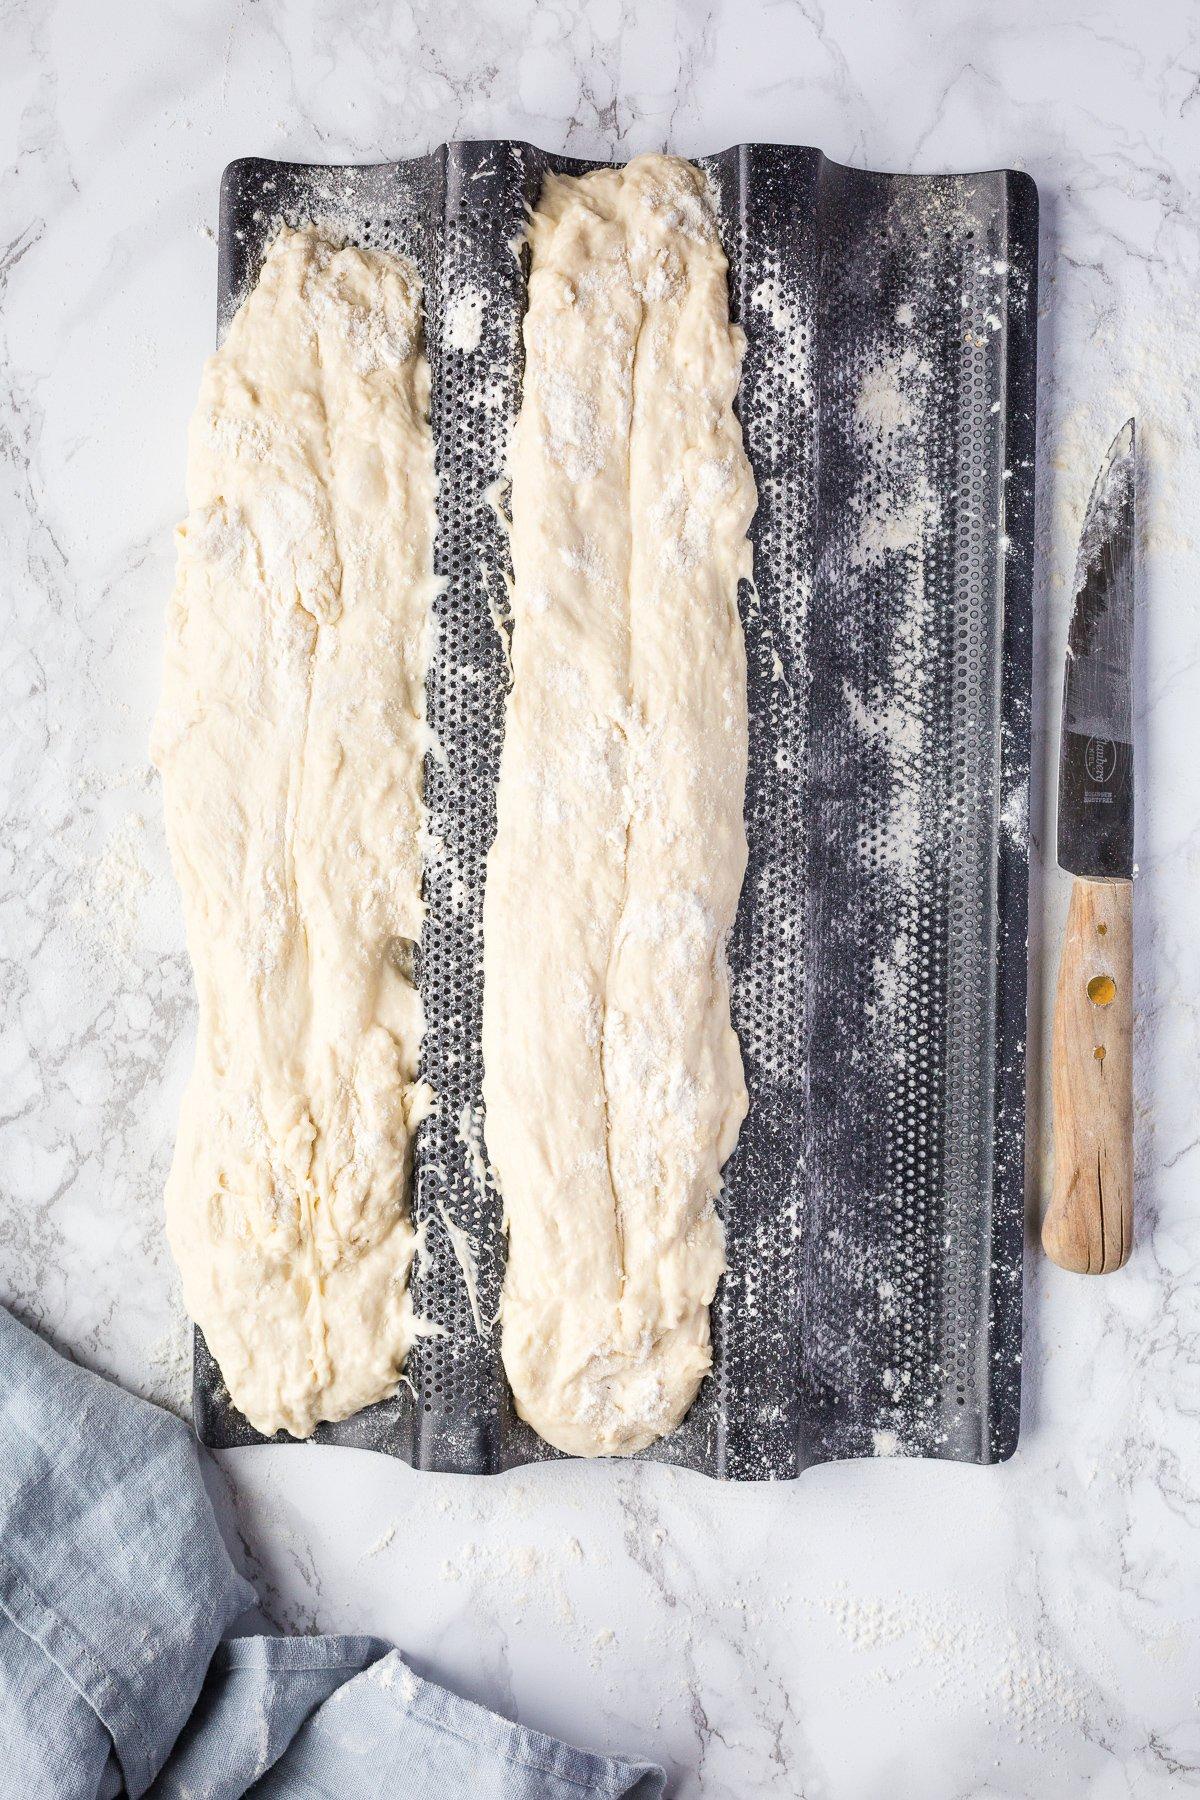 Baguette Teig auf Baguetteform